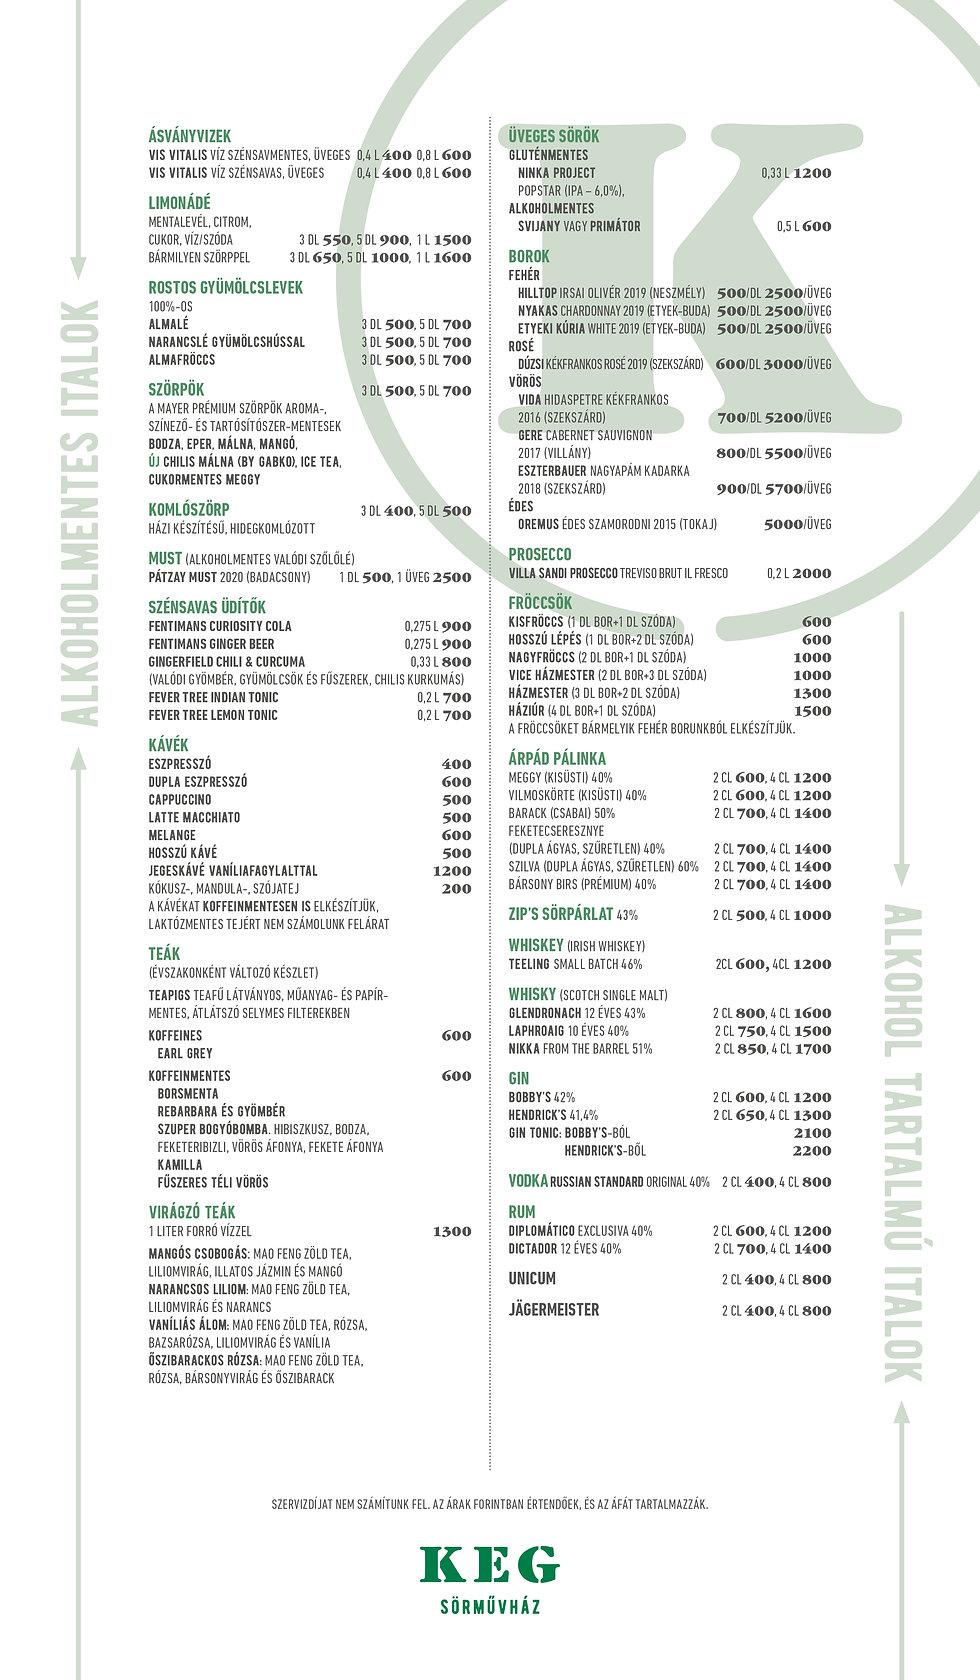 keg_sormuvhaz_menu_itallap_2020_112.jpg